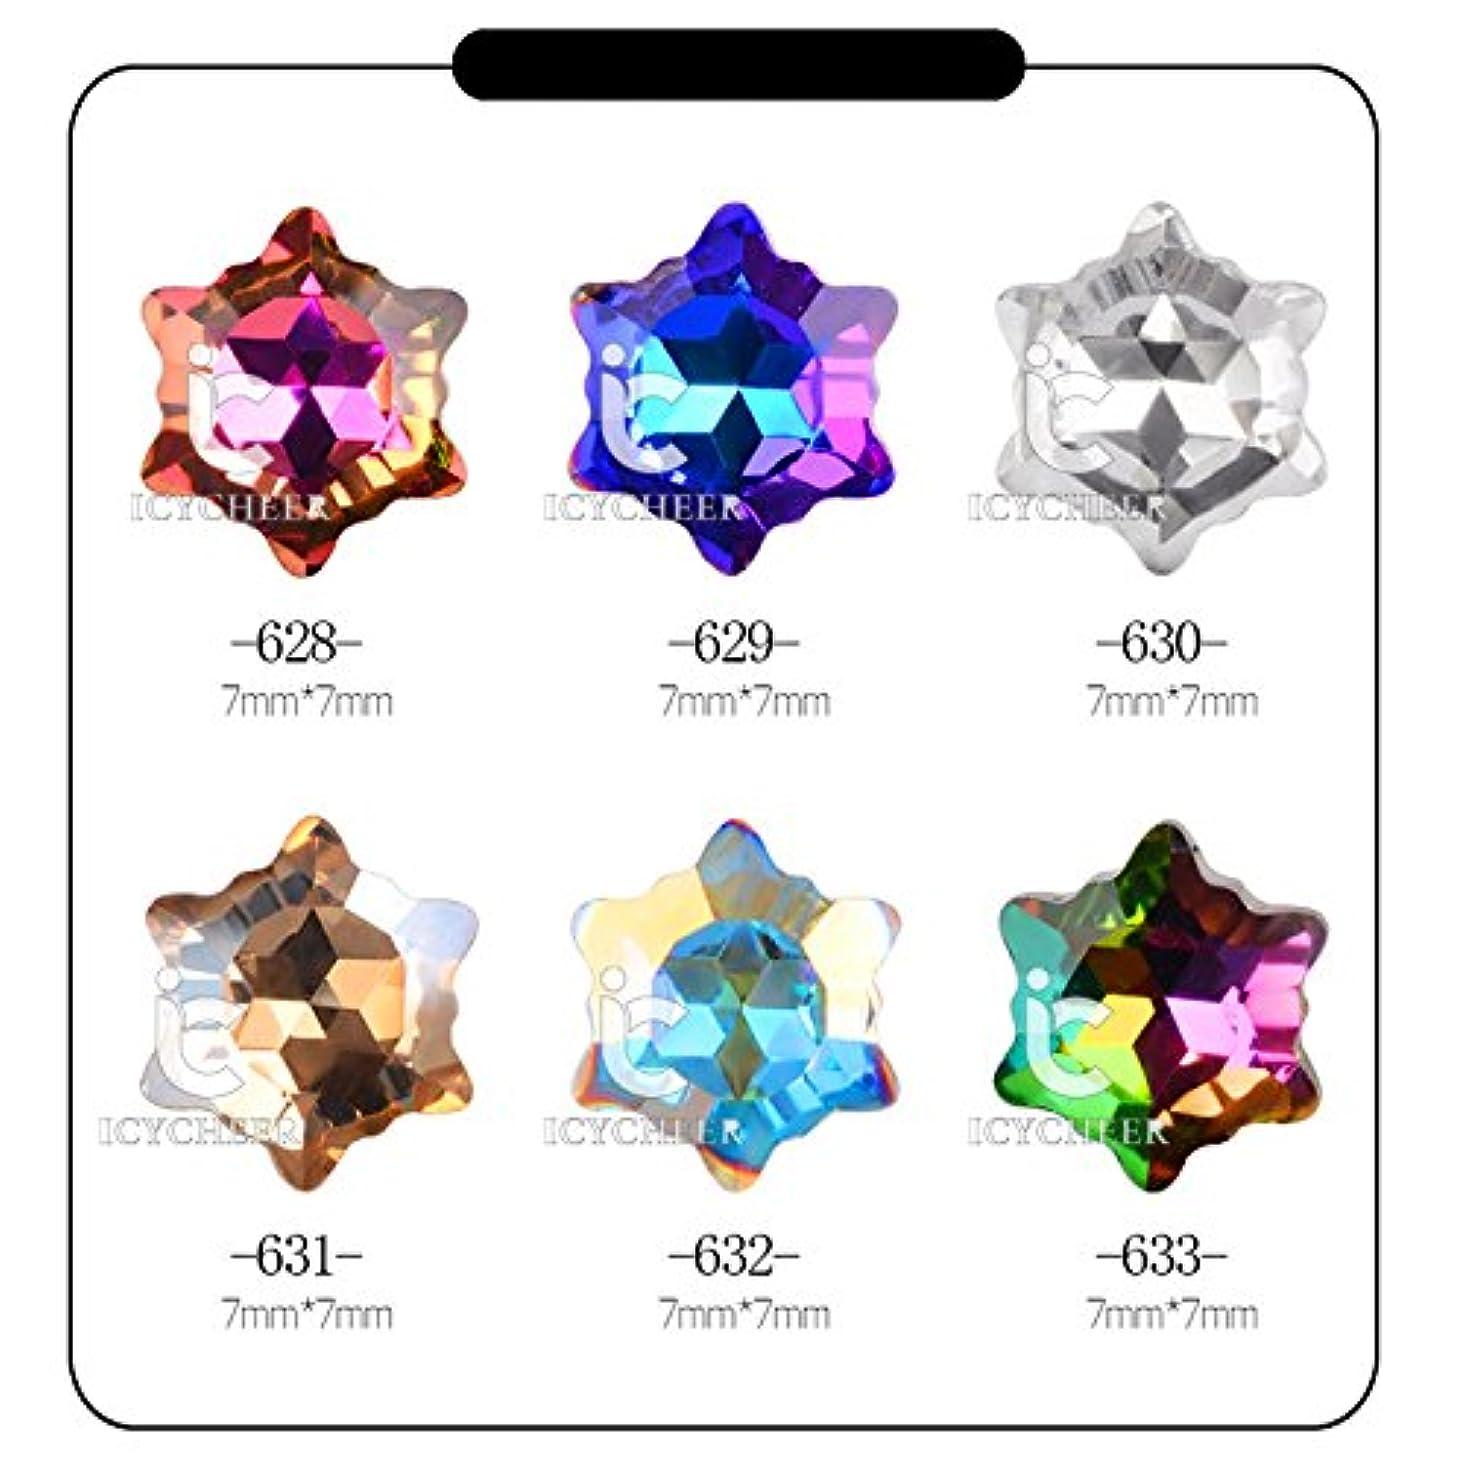 アーチ契約補償ICYCHEERホット3Dネイルアートラインストーングリッター宝石のアクリルのヒントデコレーションマニキュアホイール (629)